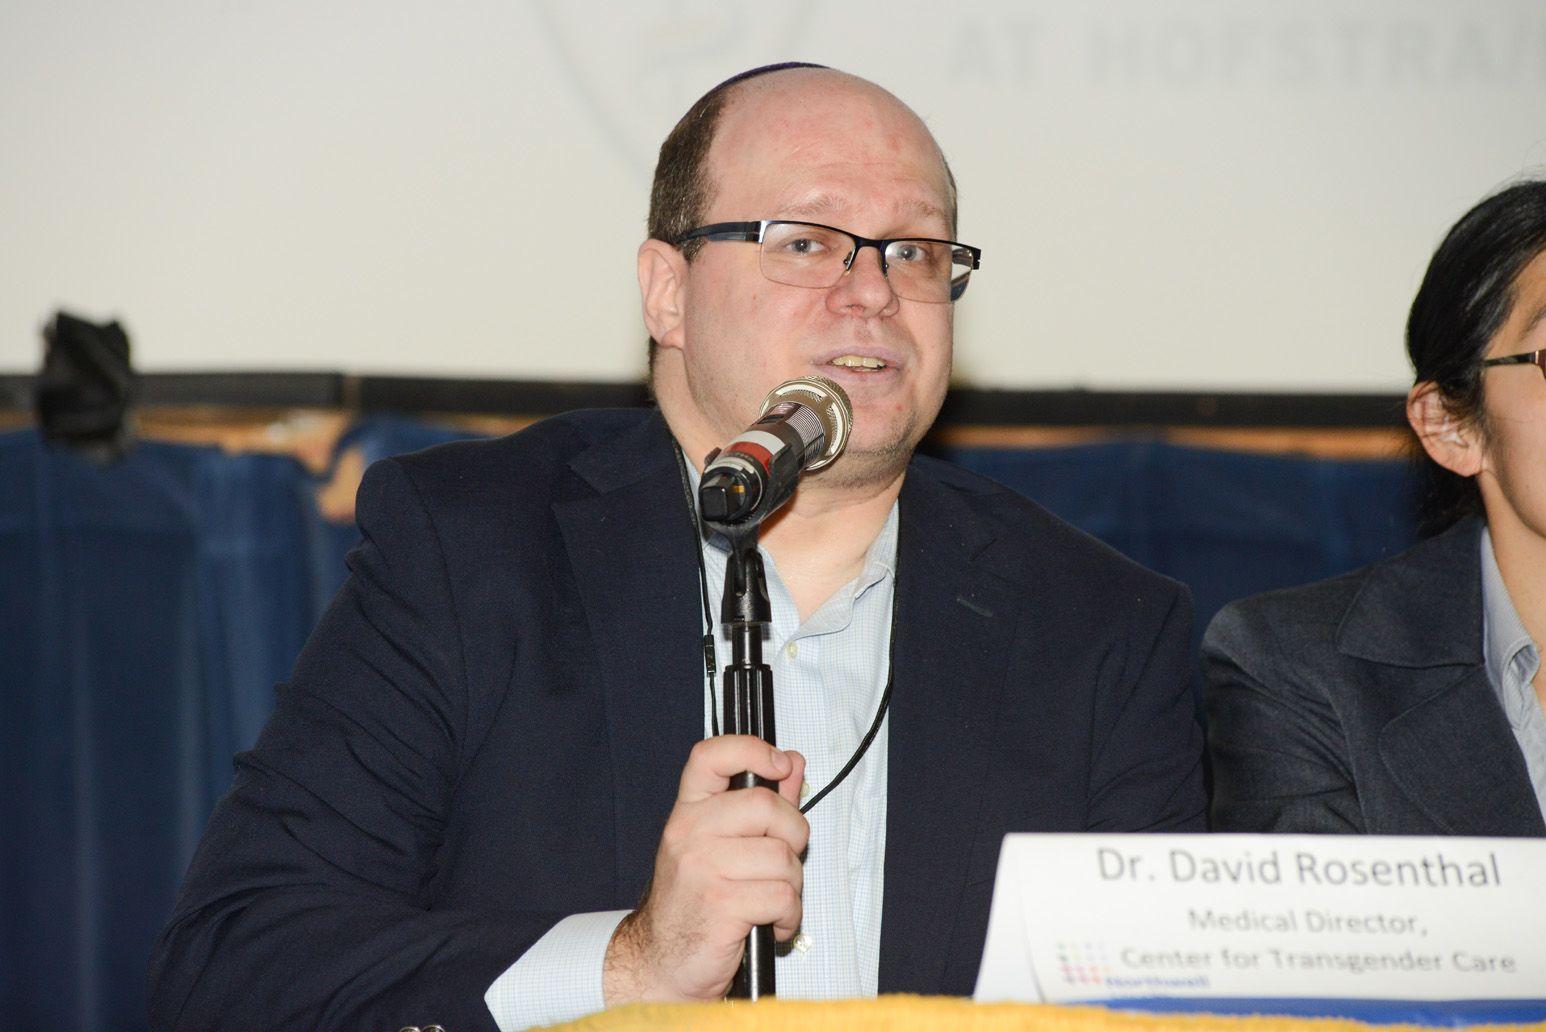 David Rosenthal, MD, speaks at the Transgender Conference